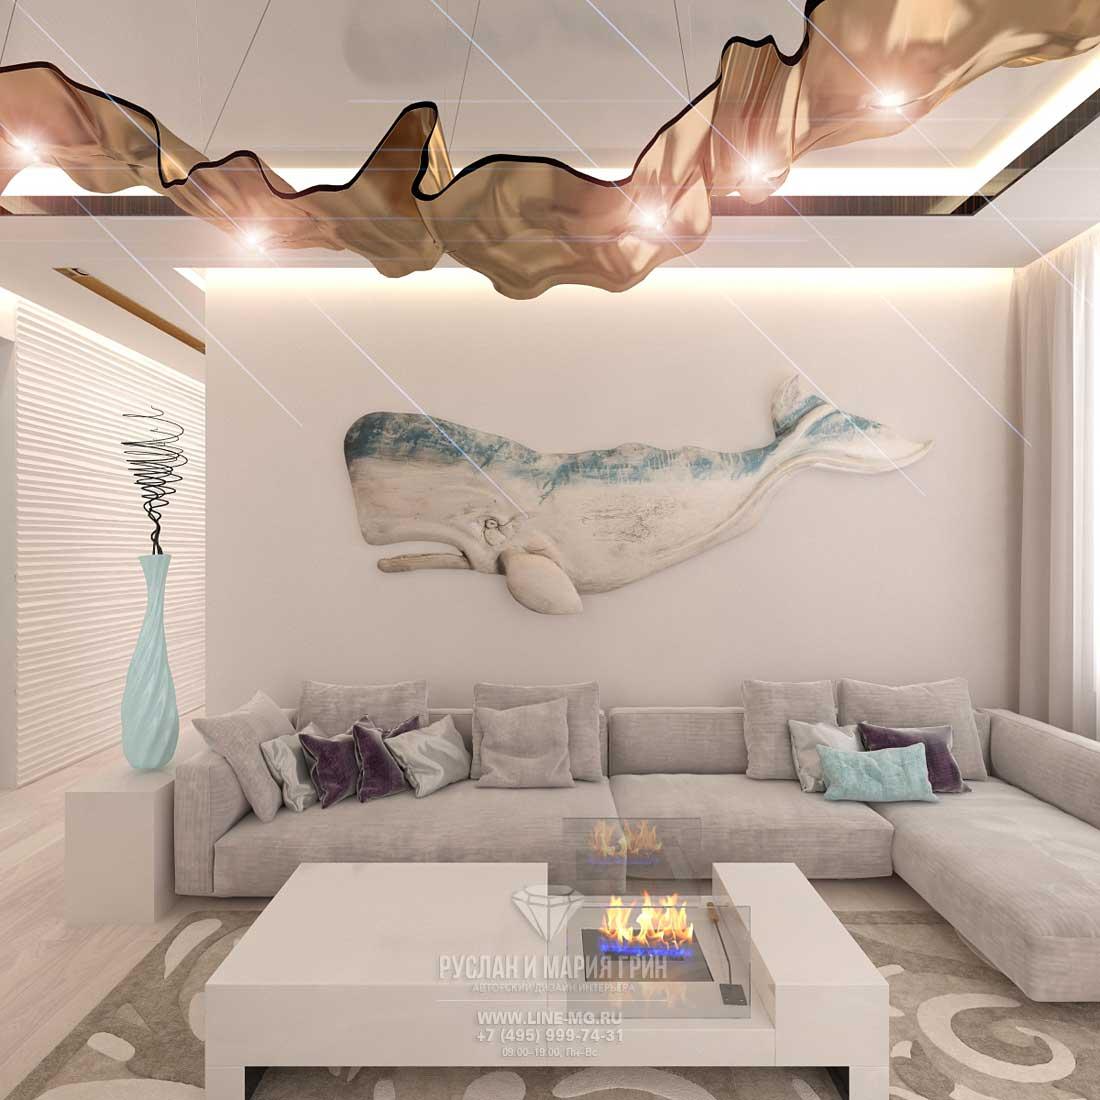 Гостиная в современном стиле в светлых тонах